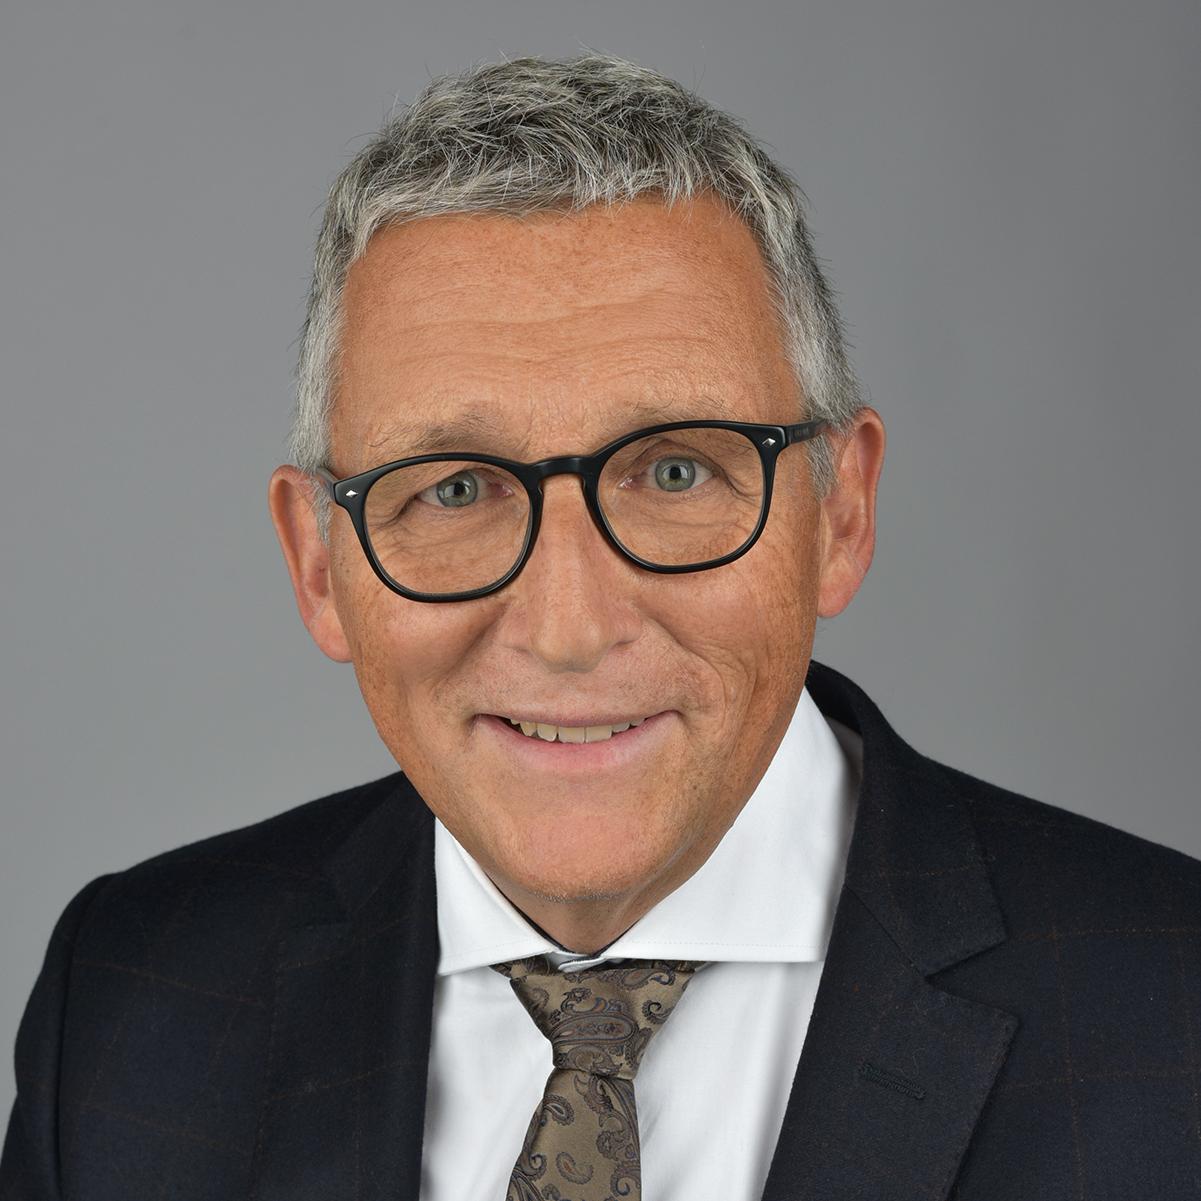 Hess Jürg